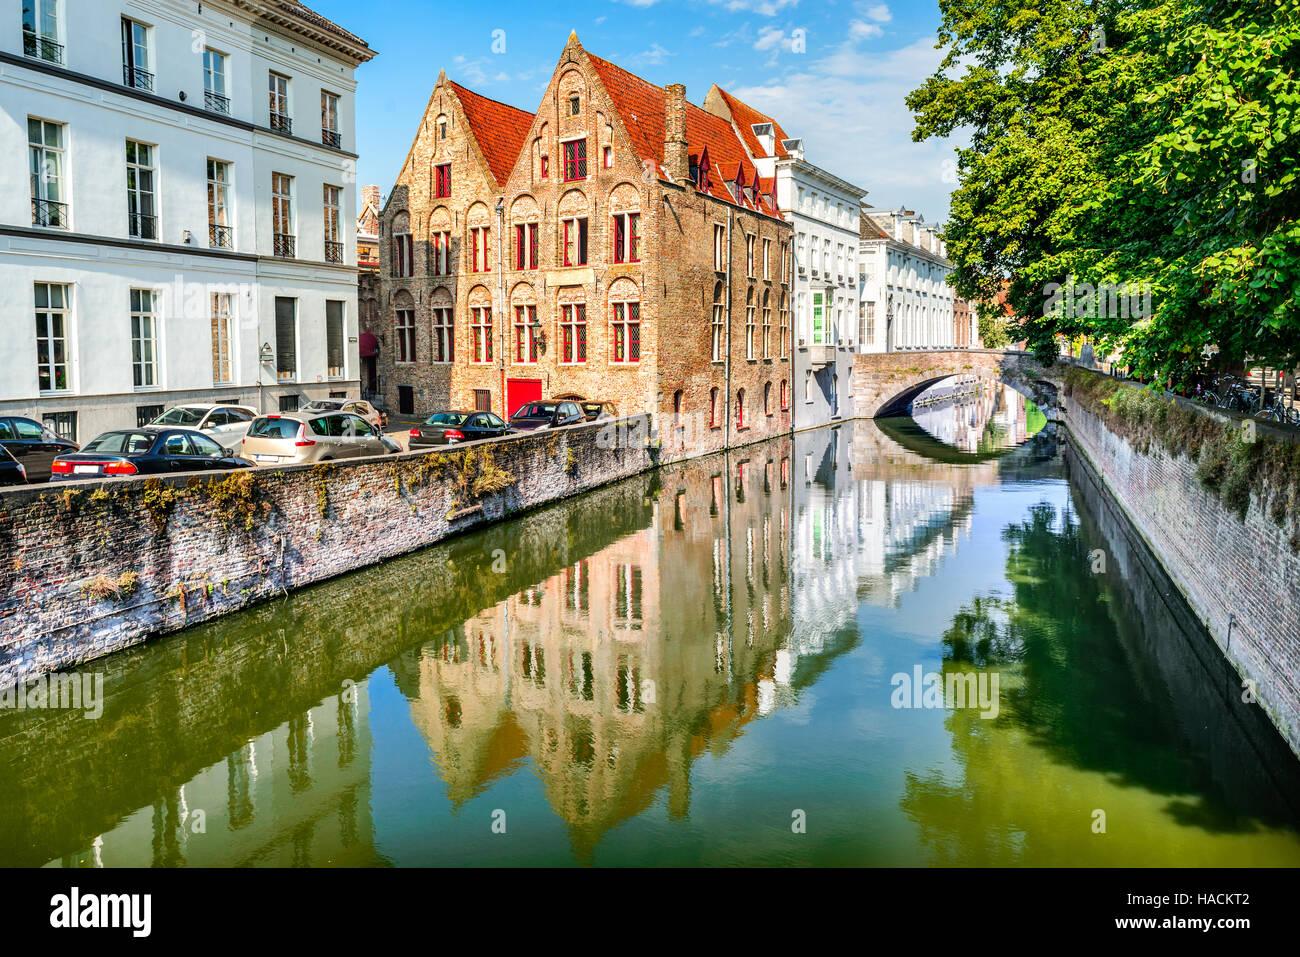 Bruges belgique paysage avec de l 39 eau canal dans brugge - Office du tourisme bruges belgique adresse ...